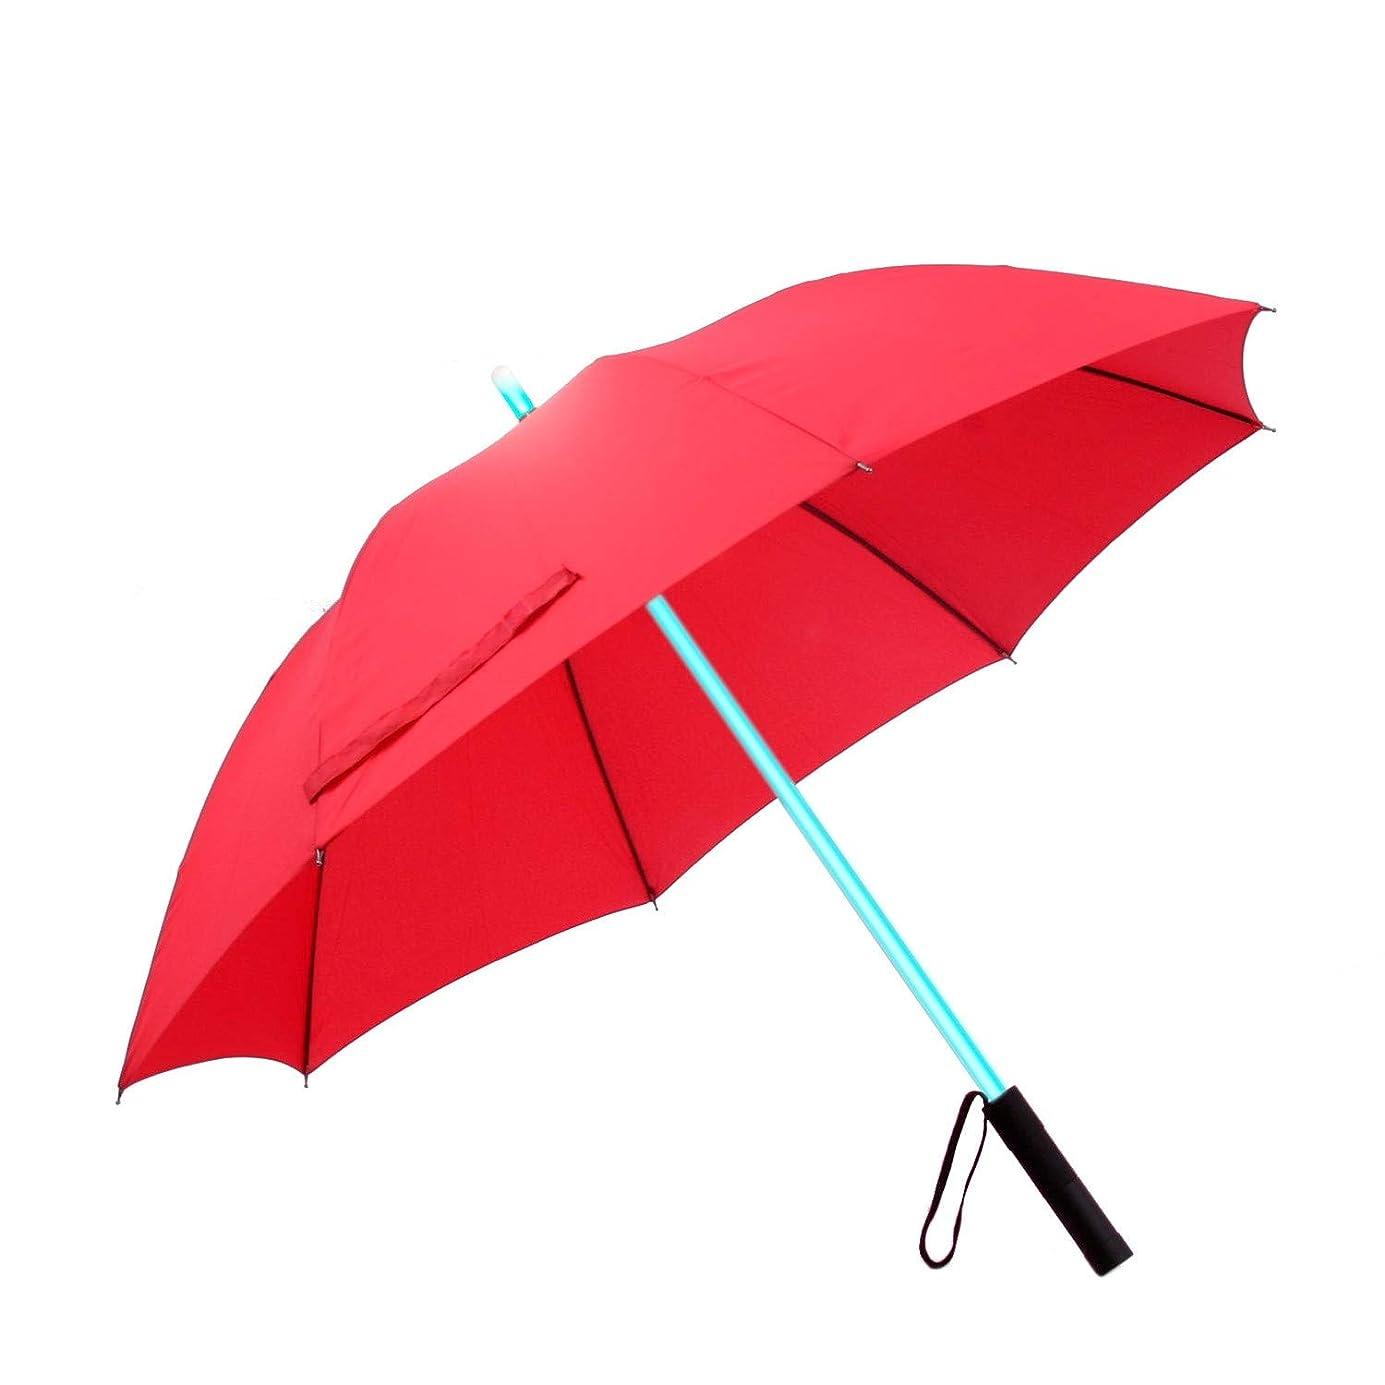 Smiti 光る傘 レインボー LED 光るシャフト 長傘 レッド